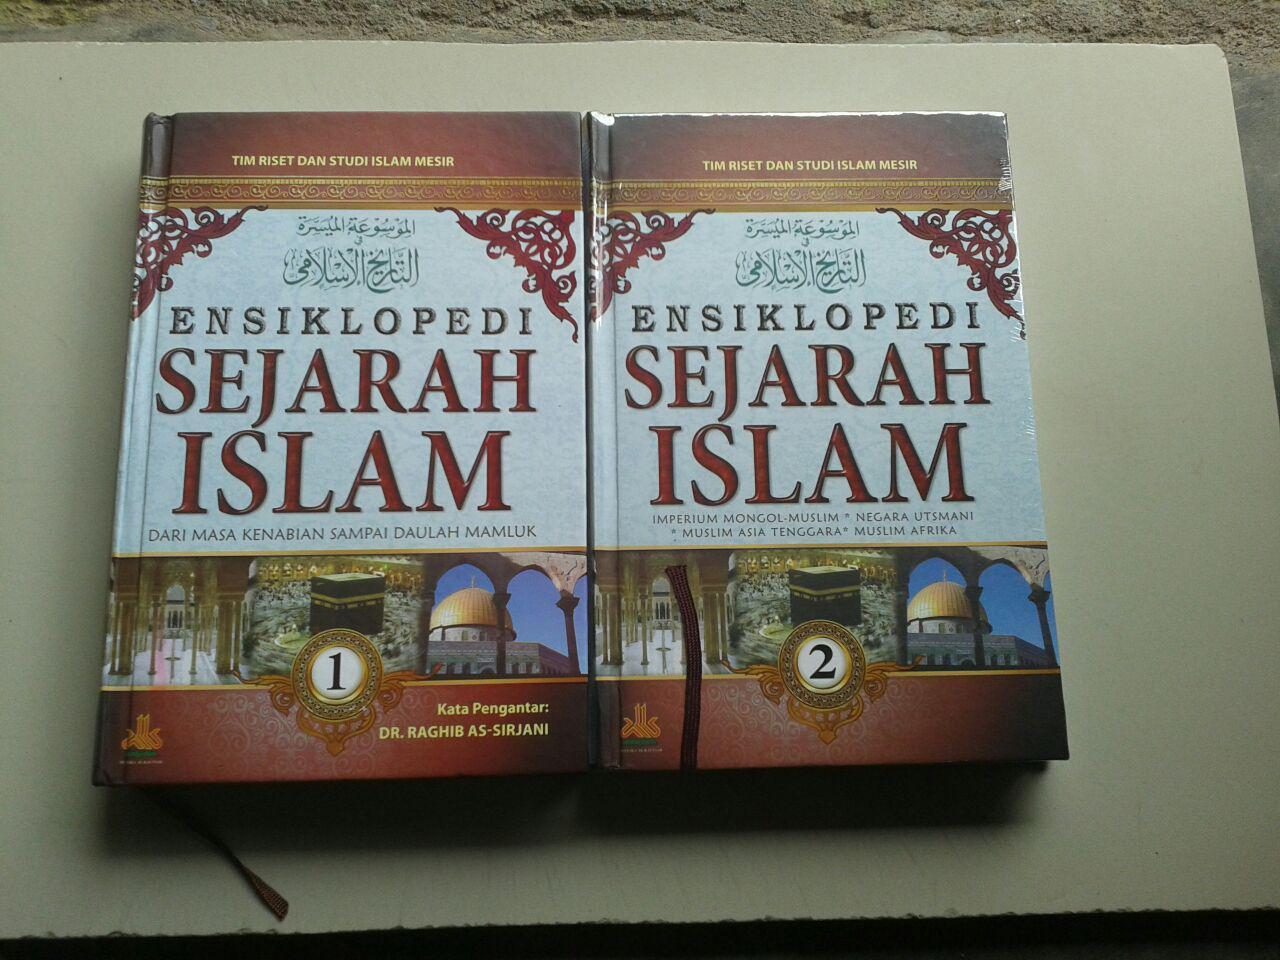 Buku Ensiklopedi Sejarah Islam Masa Kenabian-Daulah Mamluk set 2 Jilid cover 2